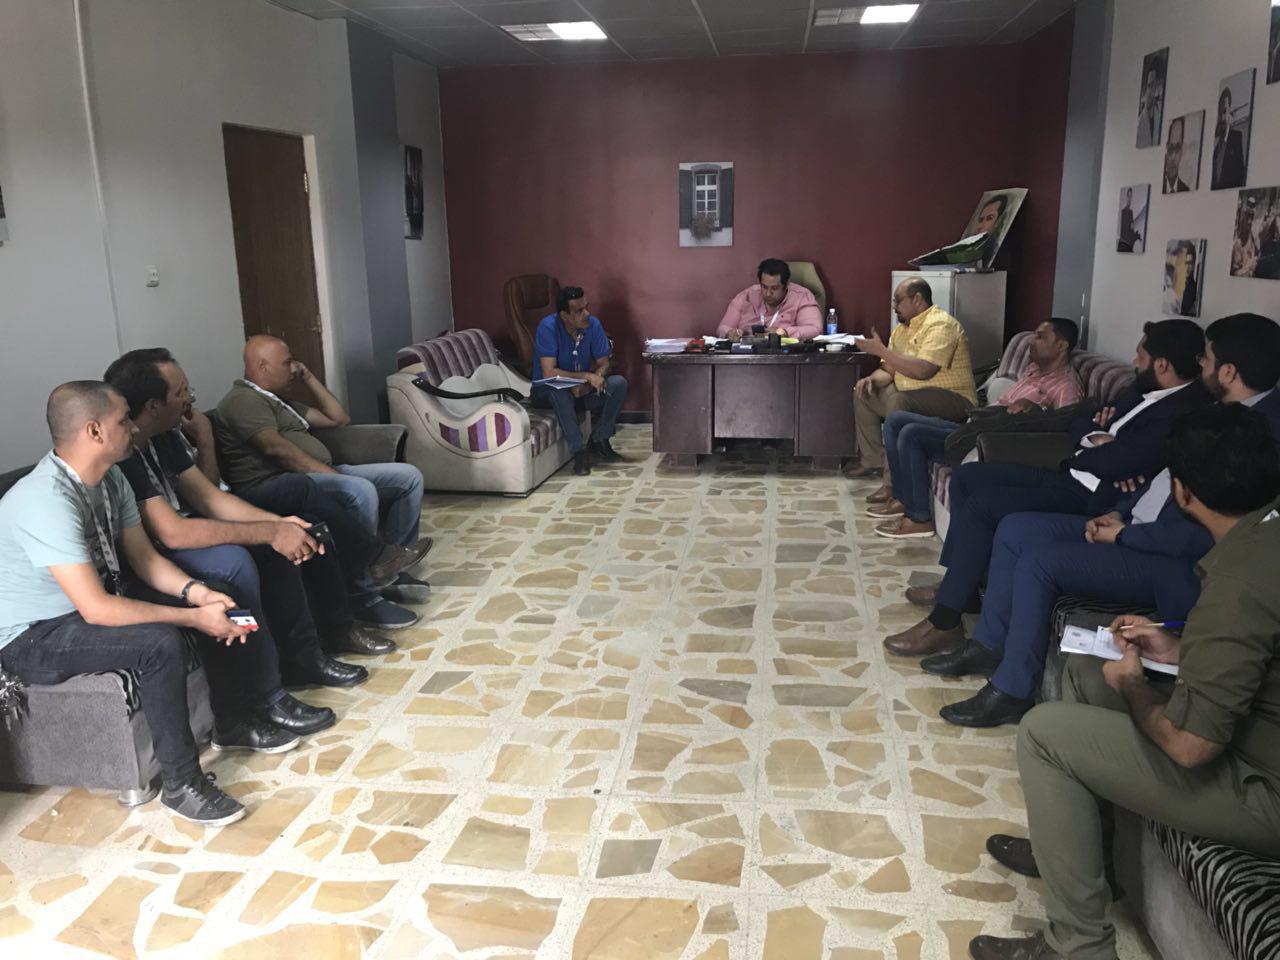 تصویر آمادگی برای ساخت برنامهای «خانه مودت» پروژه ازدواج جوانان عراق